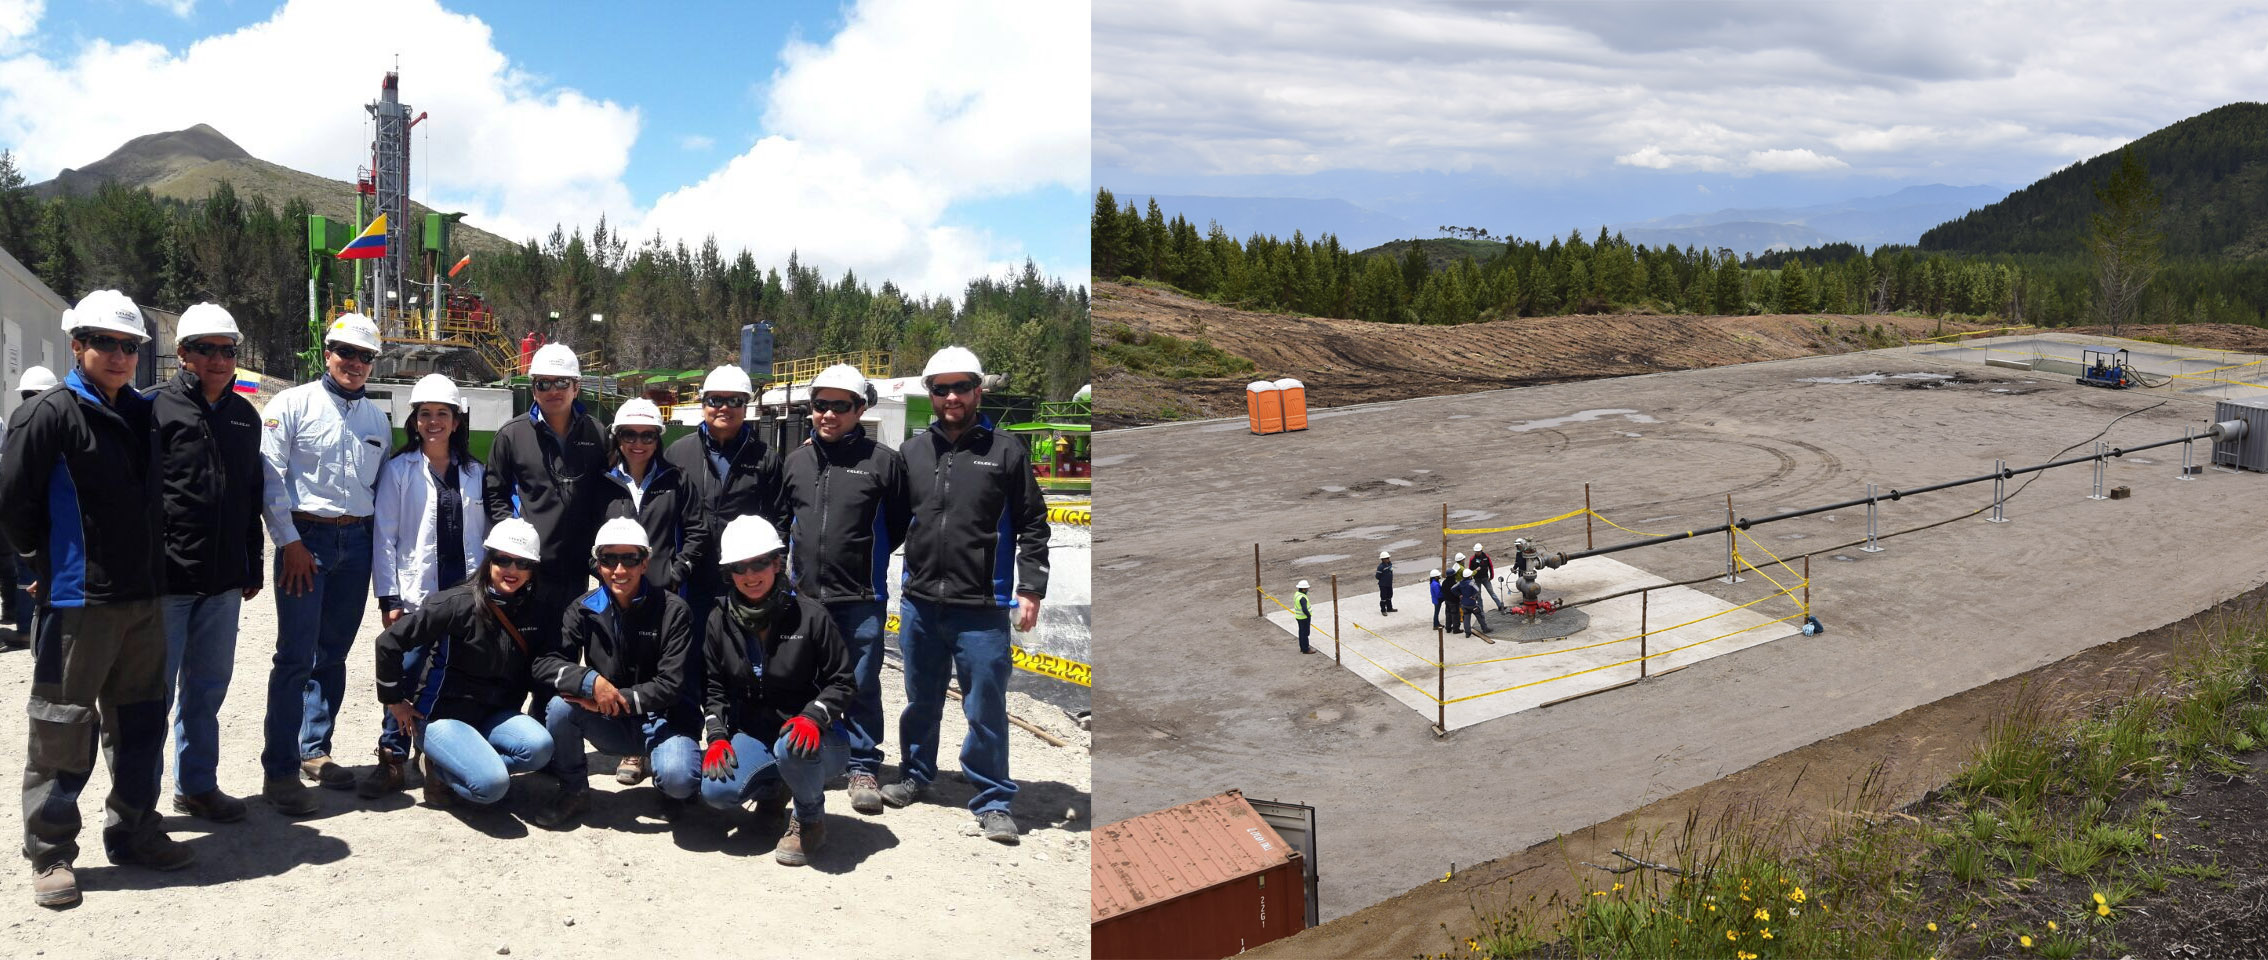 Chachimbiro, Ecuador, tendrá la primera central de generación eléctrica con energía geotérmica